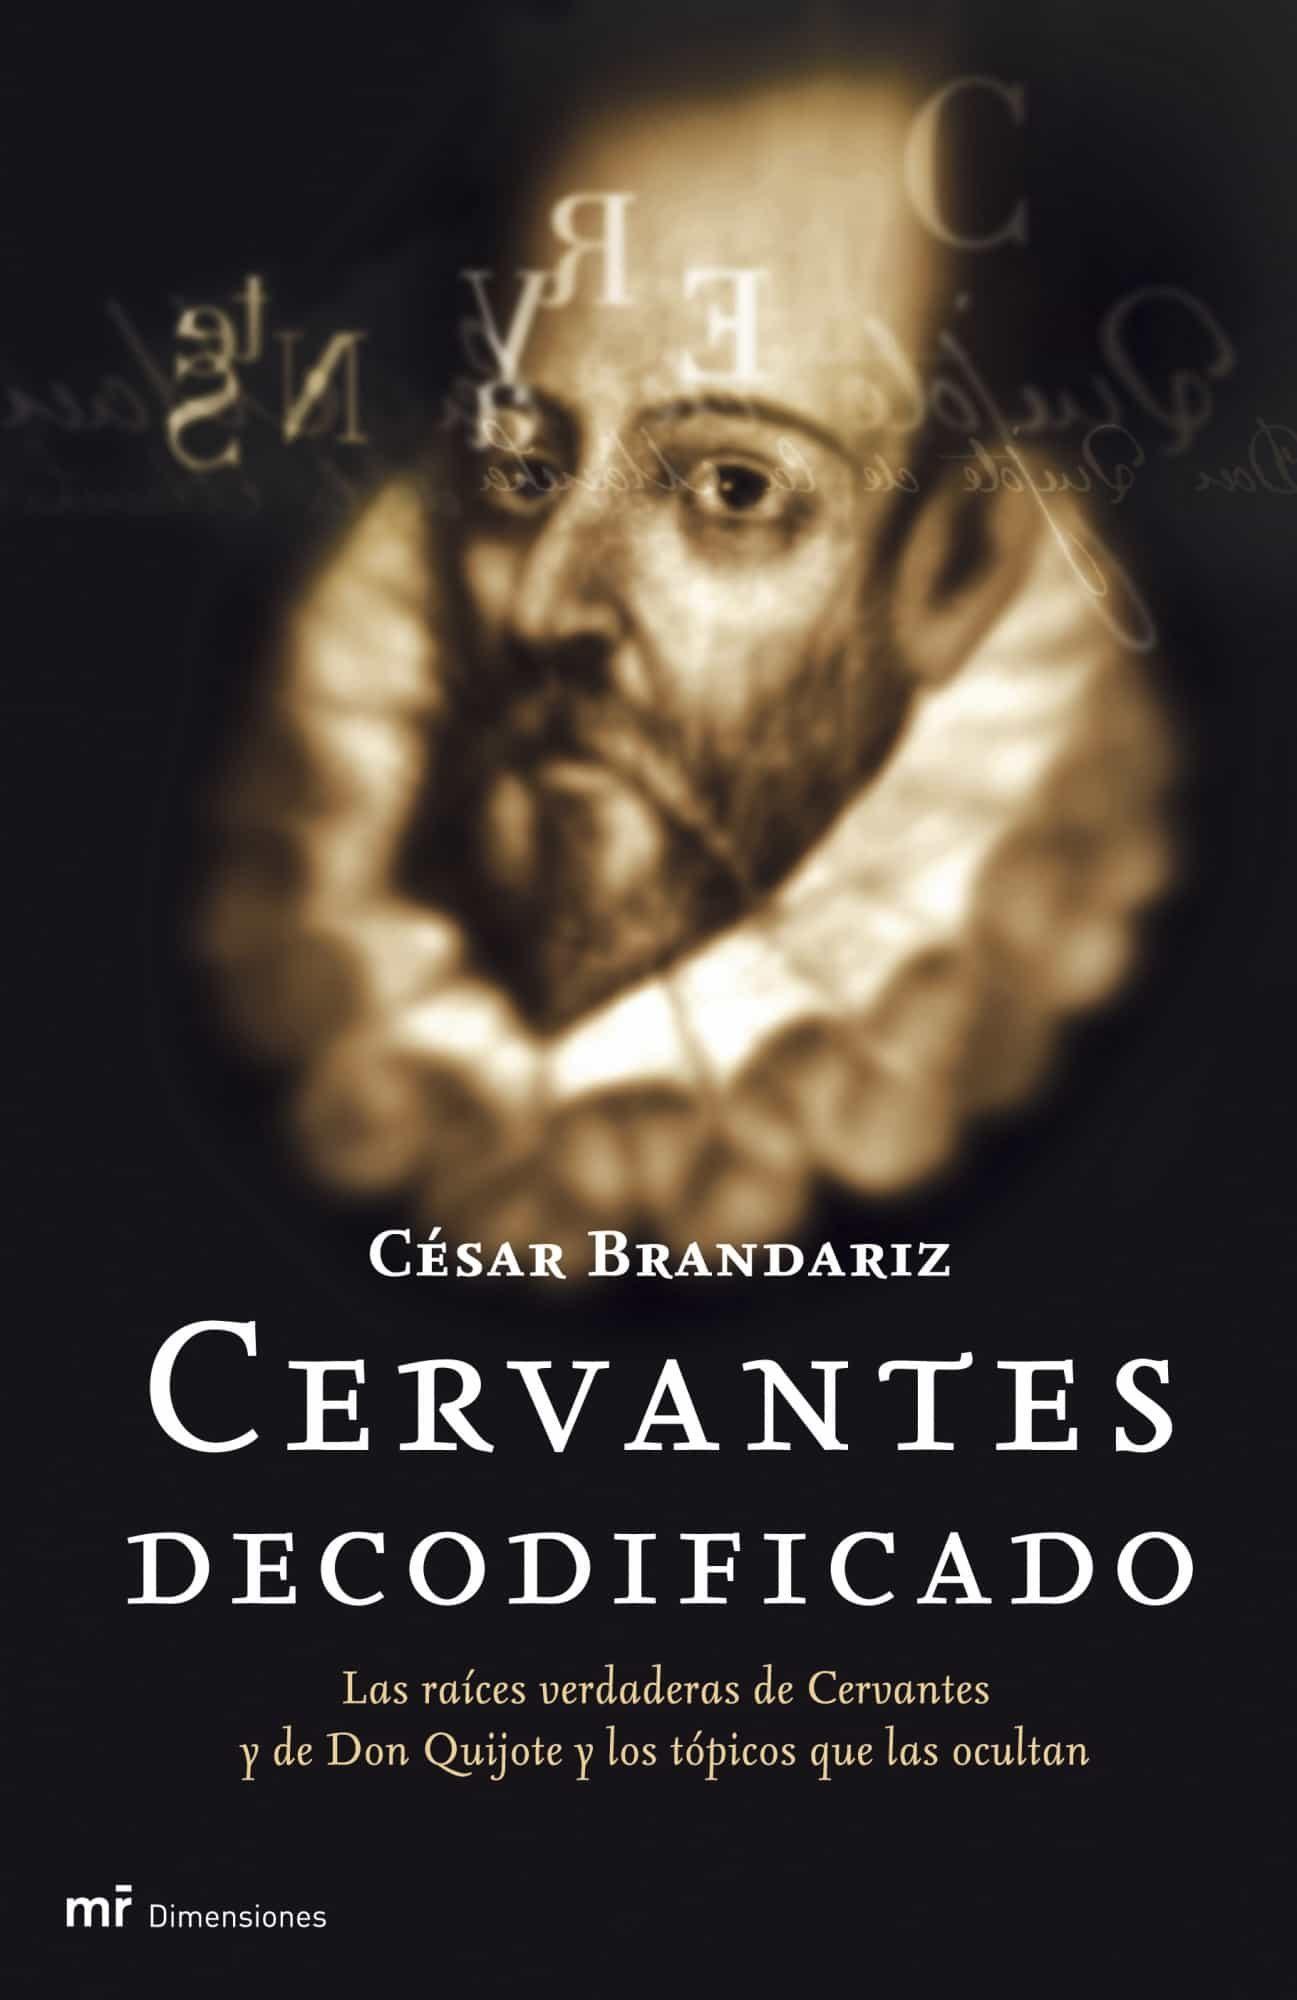 Cervantes Decodificado: Las Raices Verdaderas De Cervantes Y De D On Quijote Y Los Topicos Que Las Ocultan por Cesar Brandariz epub